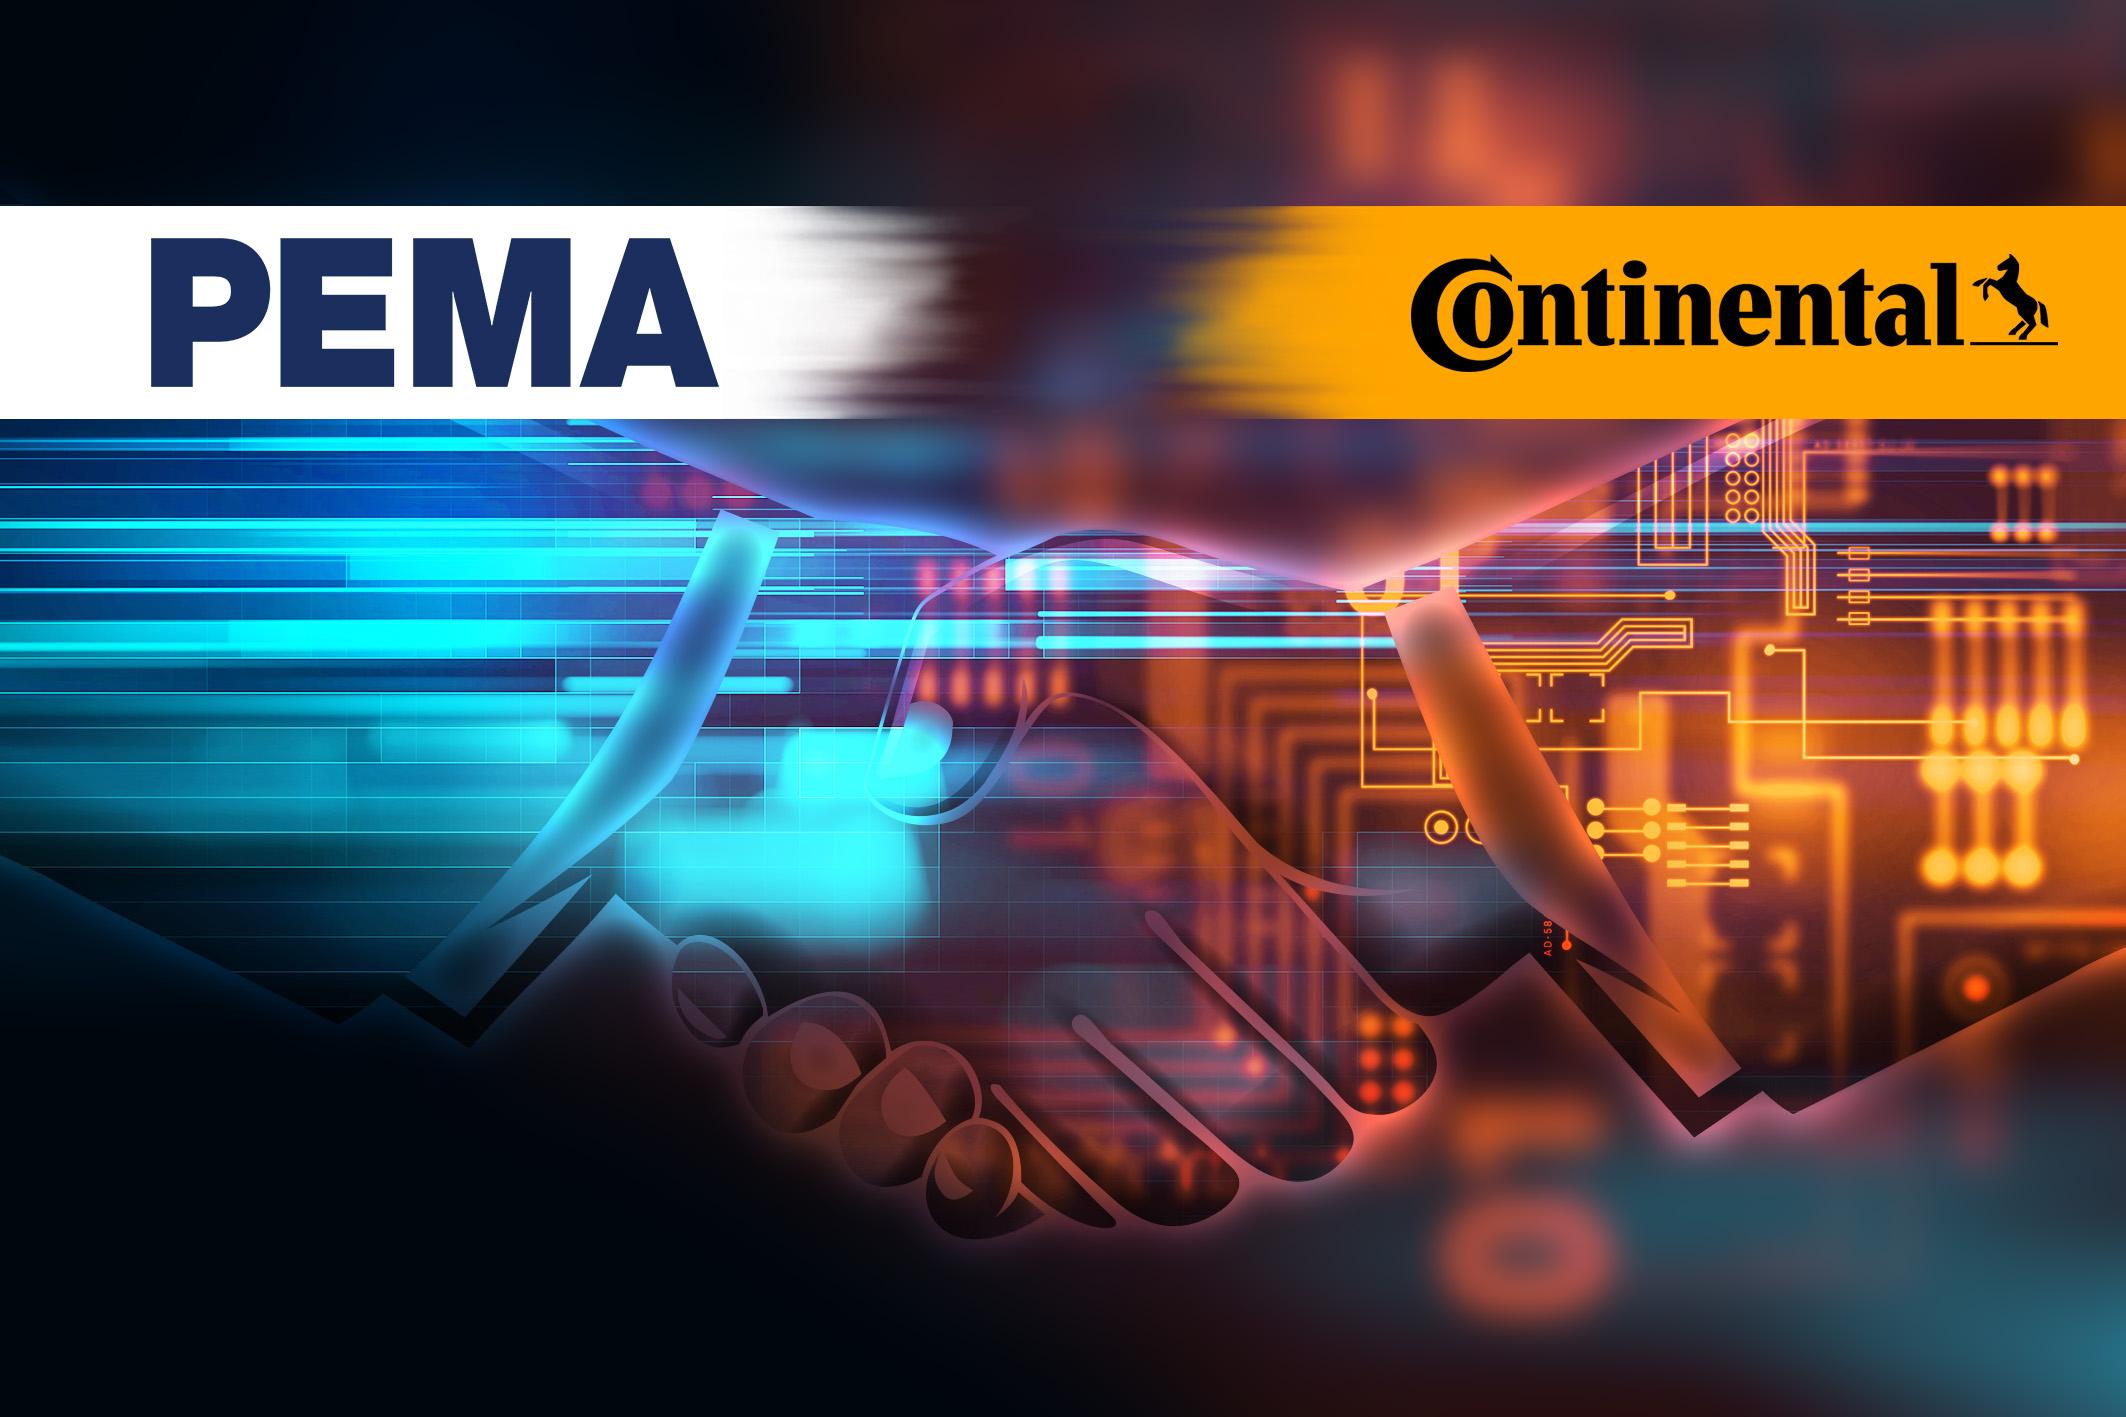 Digitalizace: PEMA a Continental optimalizují správu pneumatik pro celý vozový park